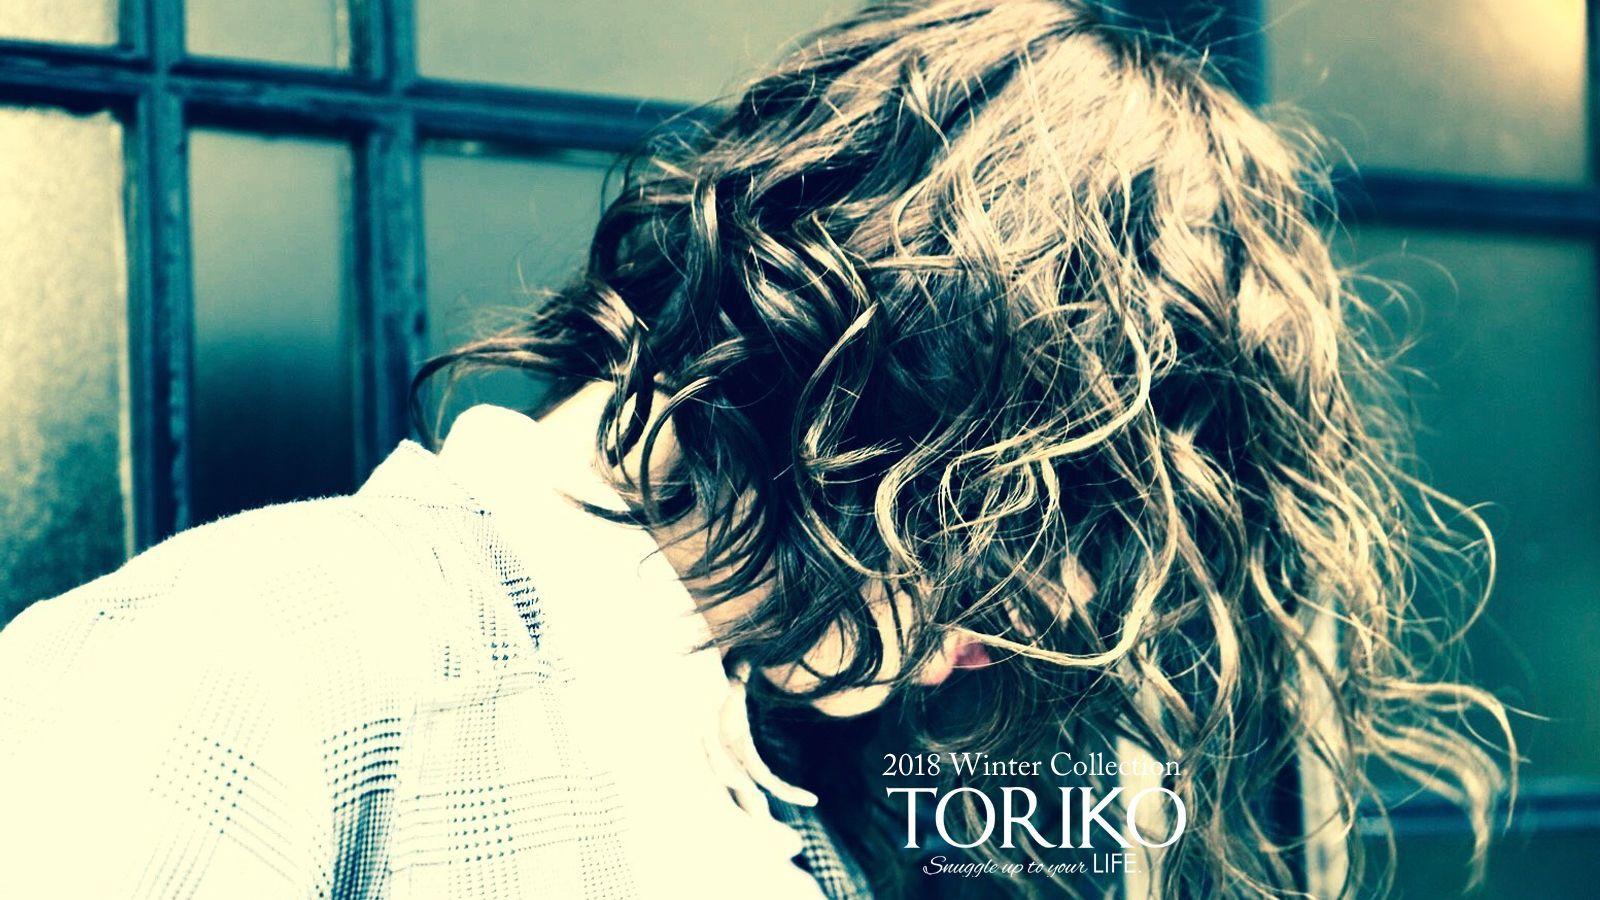 長崎市 美容室 TORIKO 2018 冬 イメージ